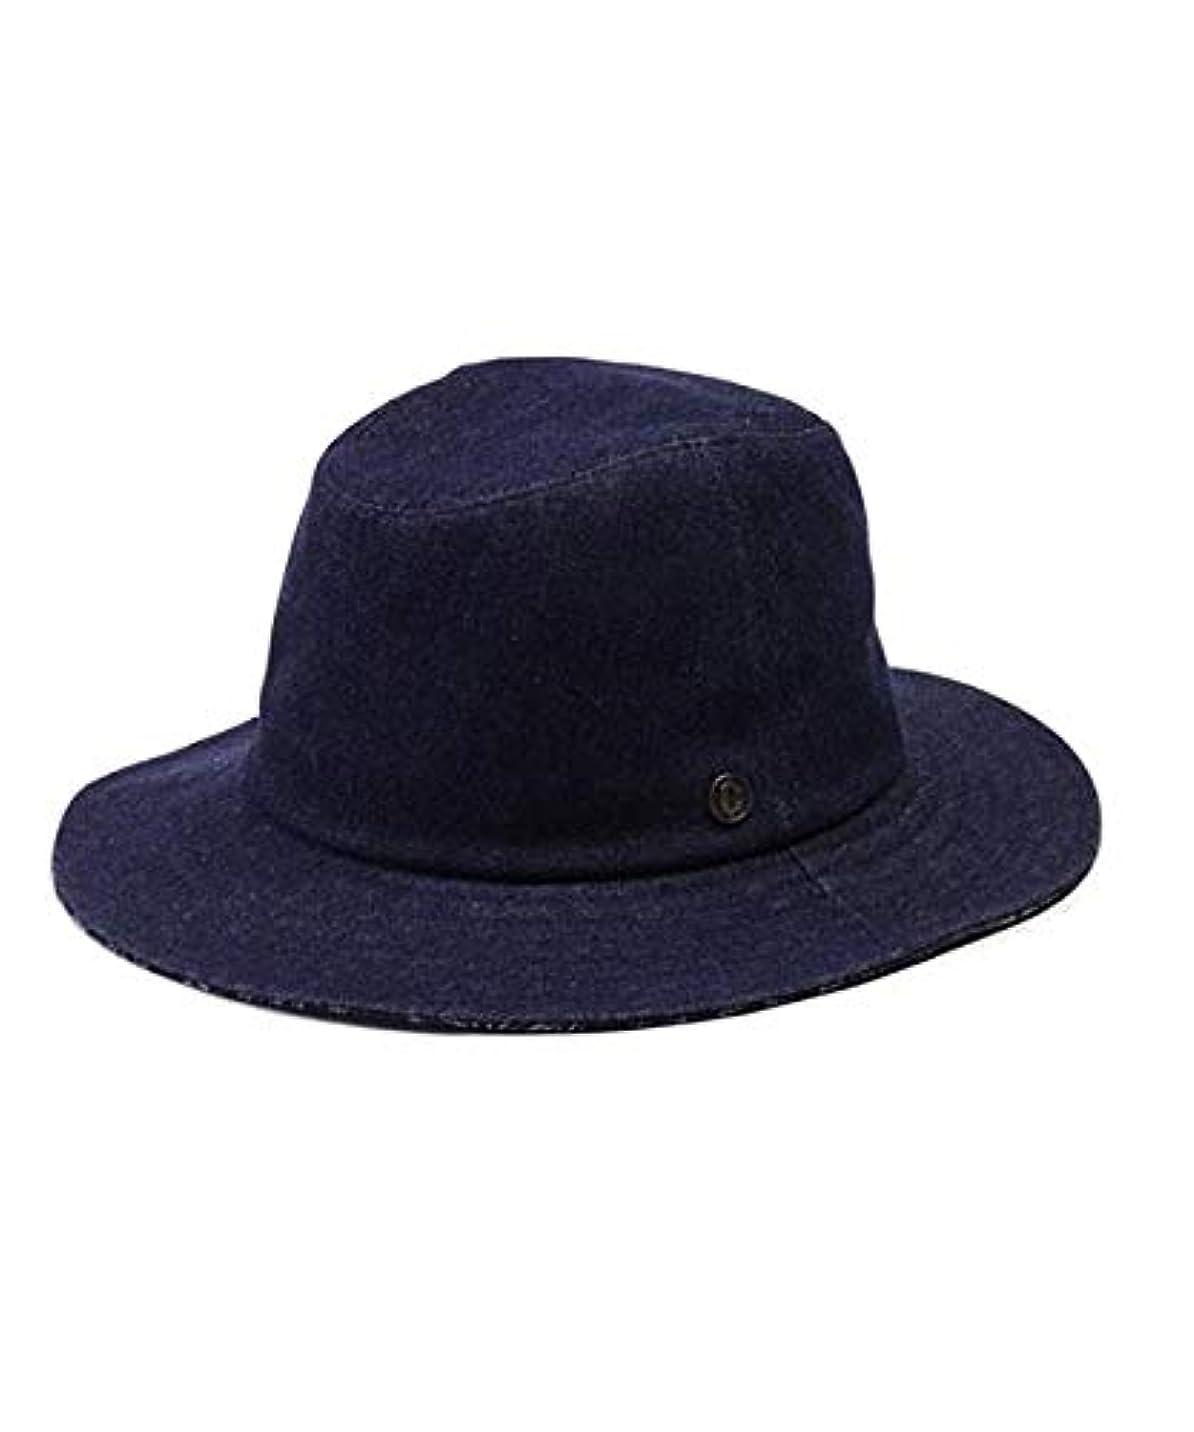 誘発する大邸宅囲いclef(クレ) INDIGO MTN HAT ITEM ID RB3542 インディゴ マウンテンハット 帽子